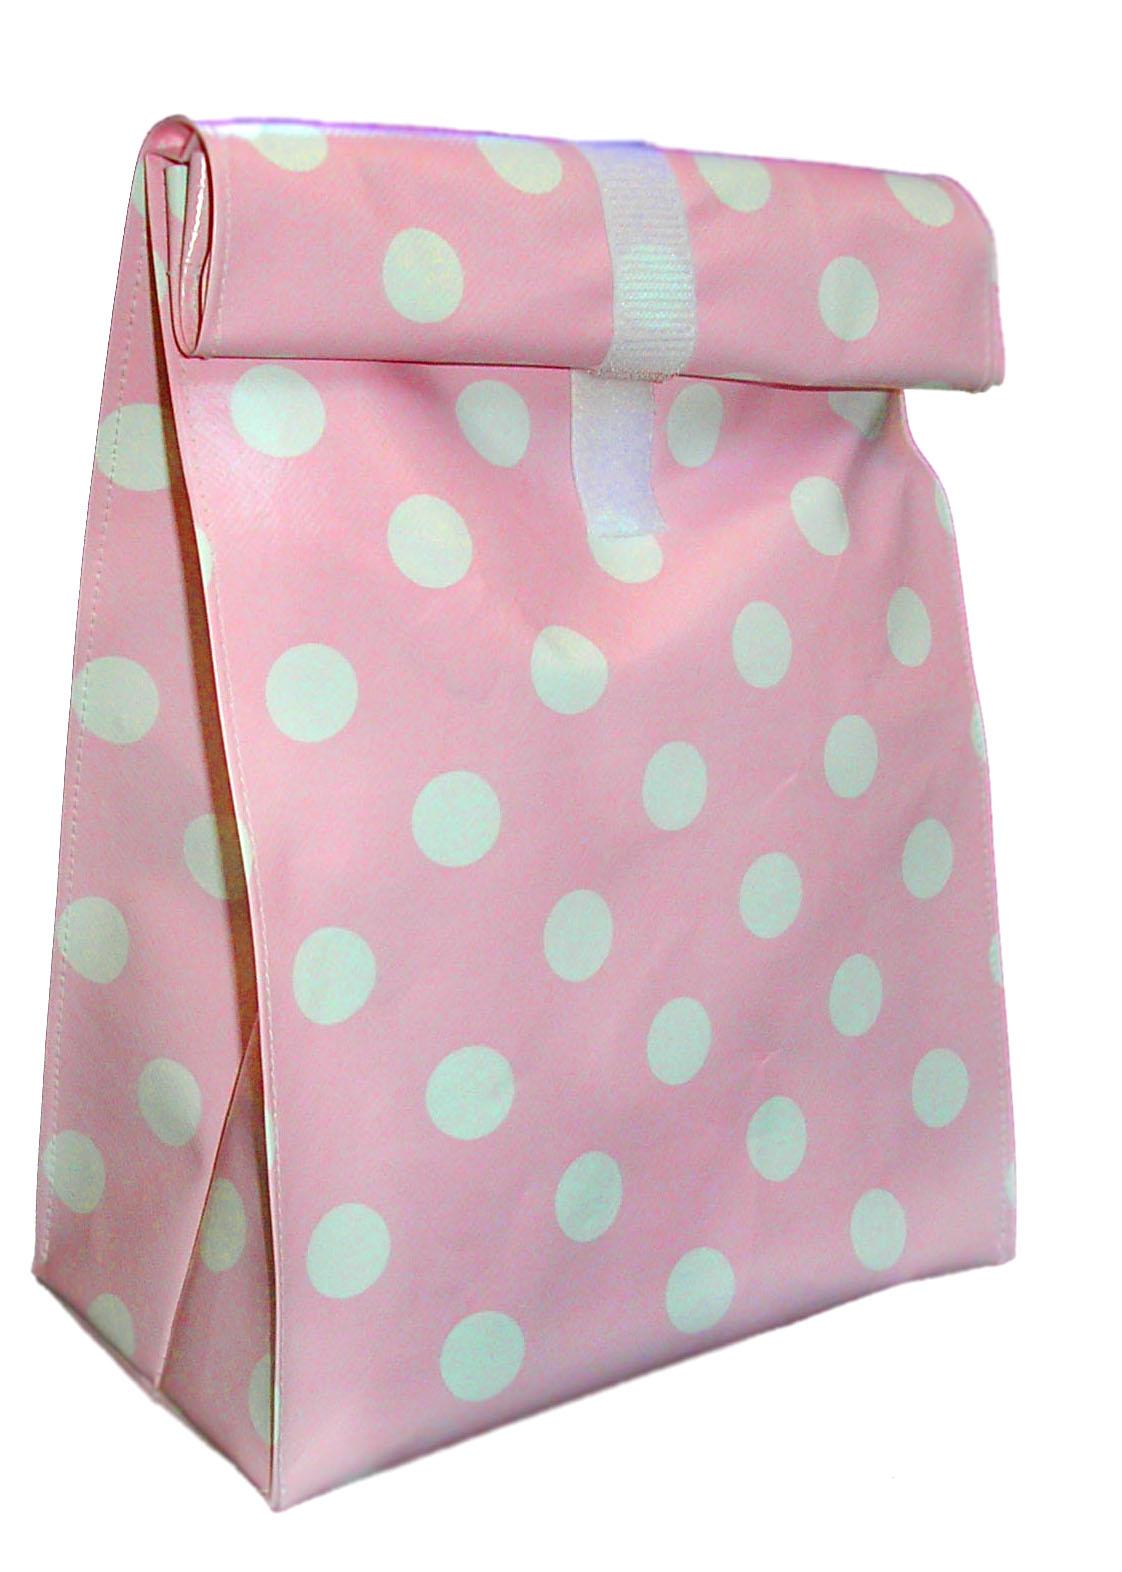 27-Last-Minute-Weihnachtsgeschenke-zum-Selbermachen-Lunchbag-aus-Wachstuch